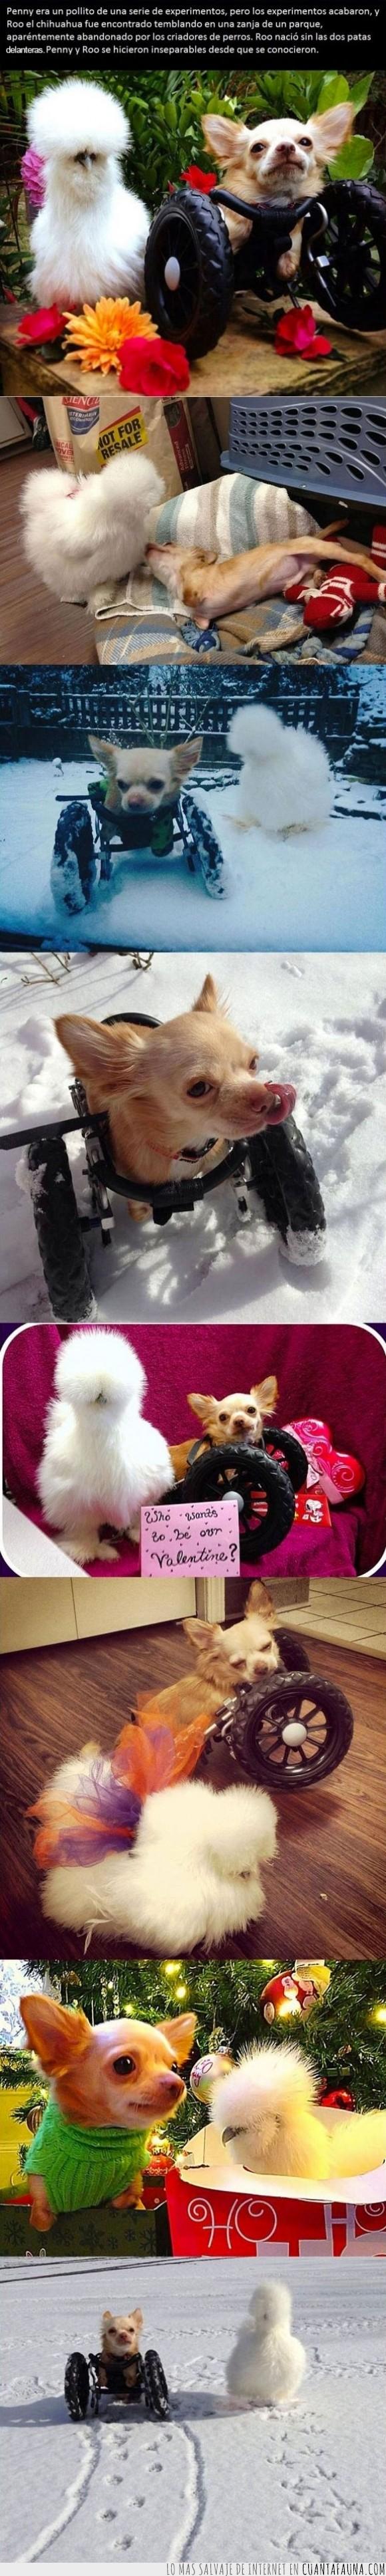 amigos,amistad,Especie,experimento,impresionante,inseparables,perro,pollo